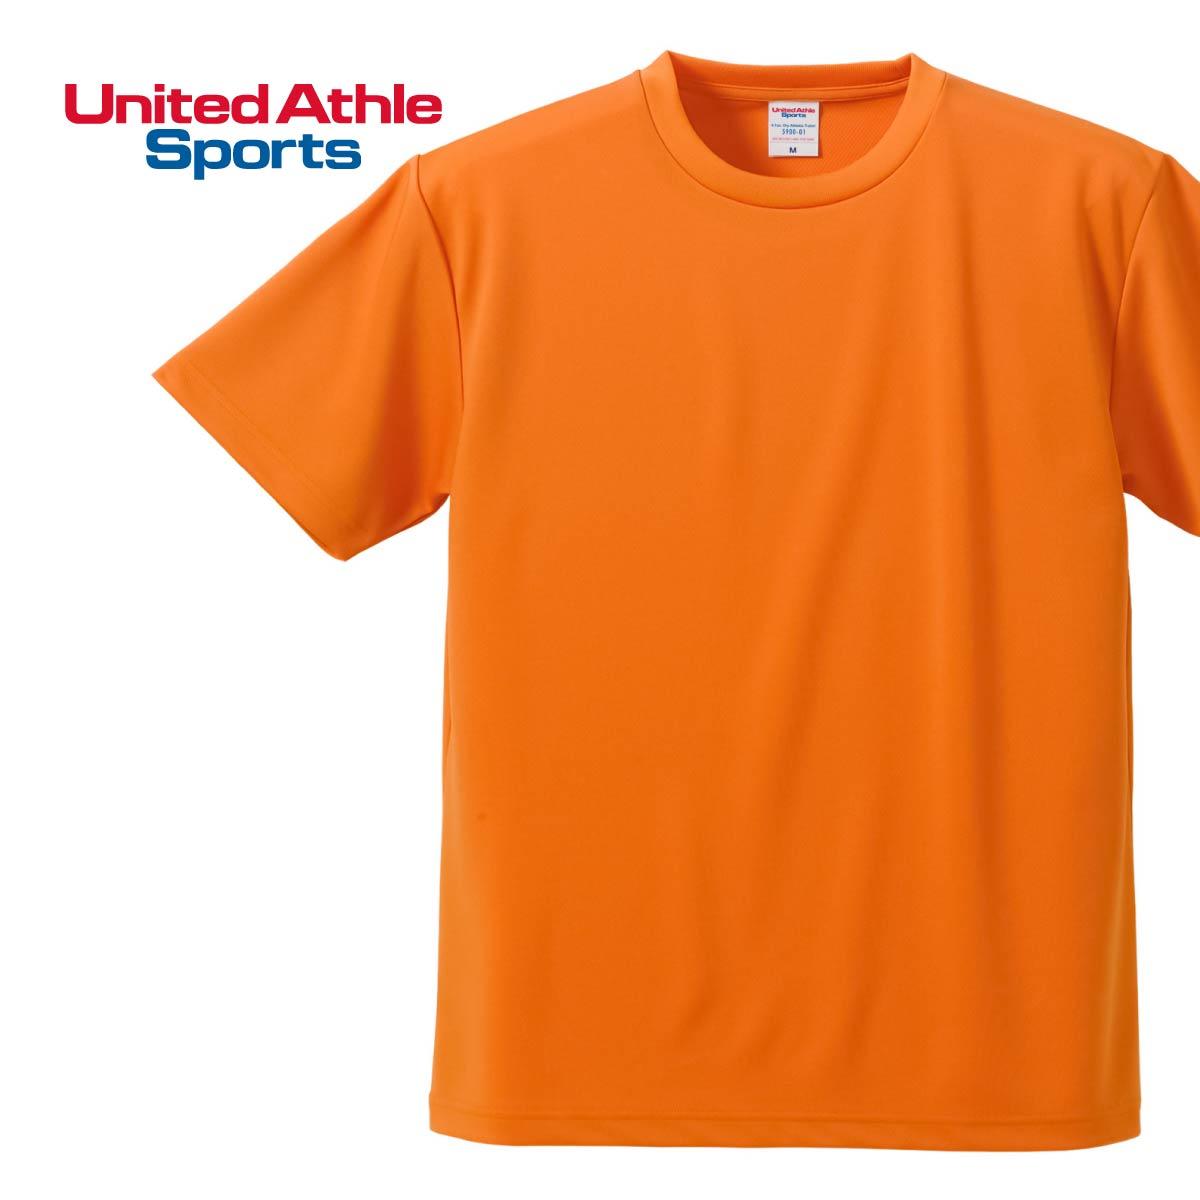 ドライ tシャツ 半袖 メンズ ポリエステル 高級 SS-XL 無地 United Athle Sports ユナイテッドアスレスポーツ 5900 運動会 590001 速乾 4.1オンス 買取 文化祭 トレーニング 暖色系 吸汗 Tシャツ